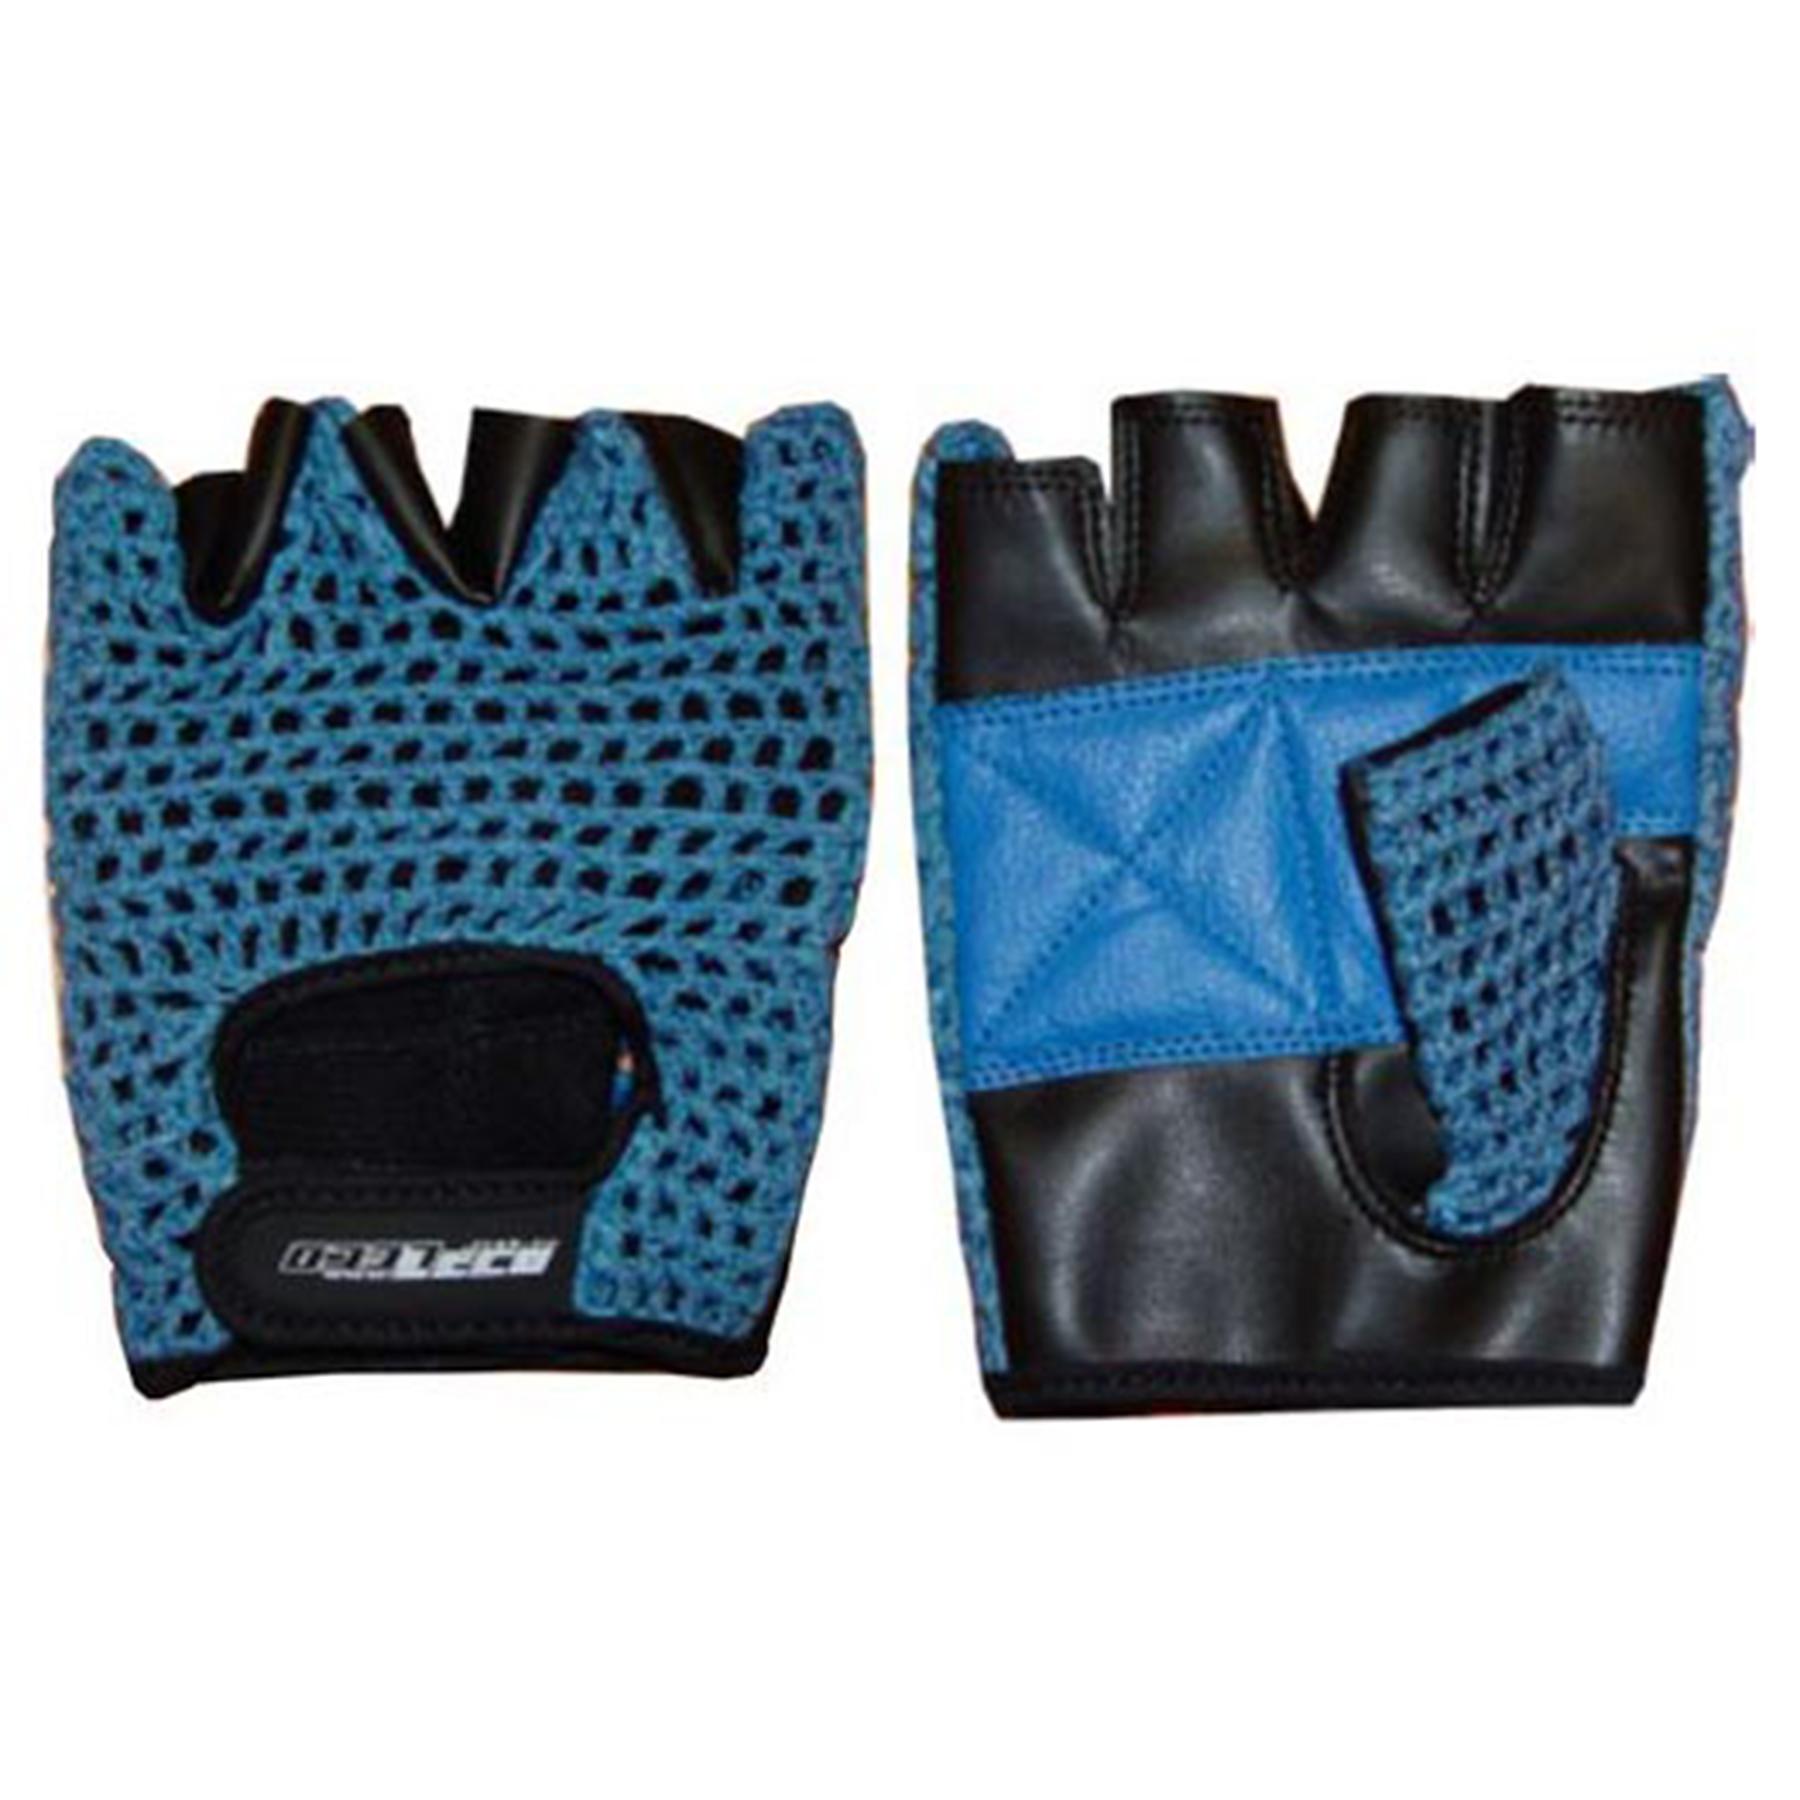 Перчатки для фитнеса и тяж.атлетики ПРО кожа/сетка р. M (т11125-2)